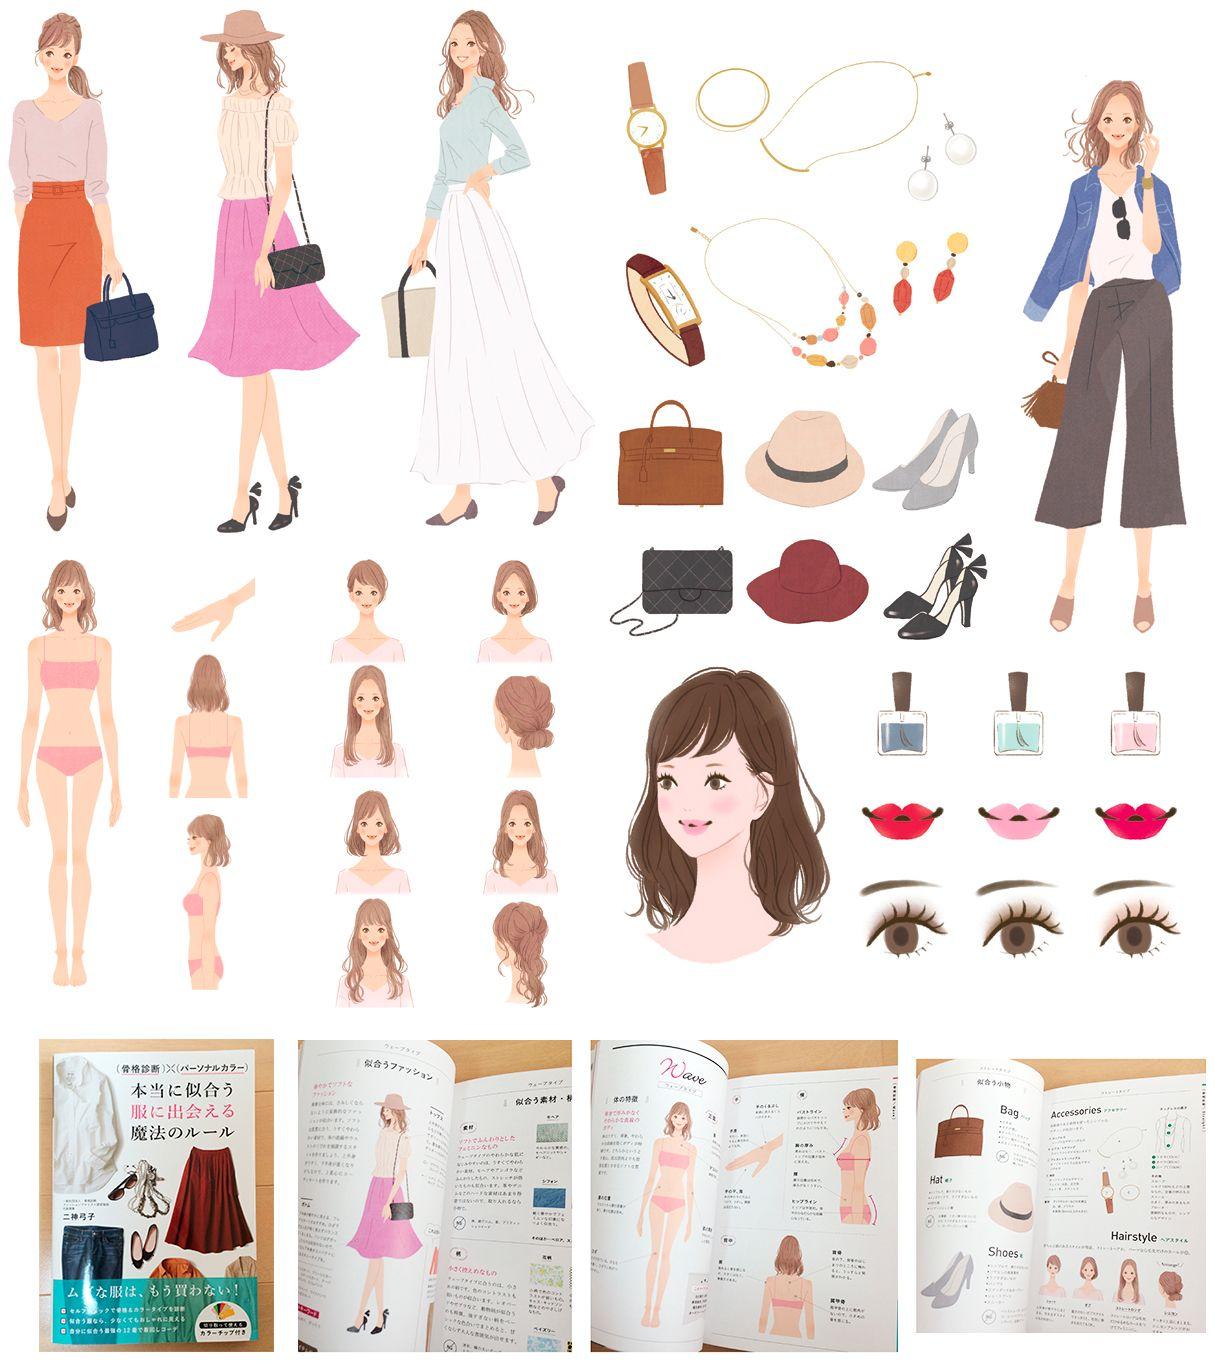 2018 年の「イラストレーター miya /女性向けイラスト,ファッション